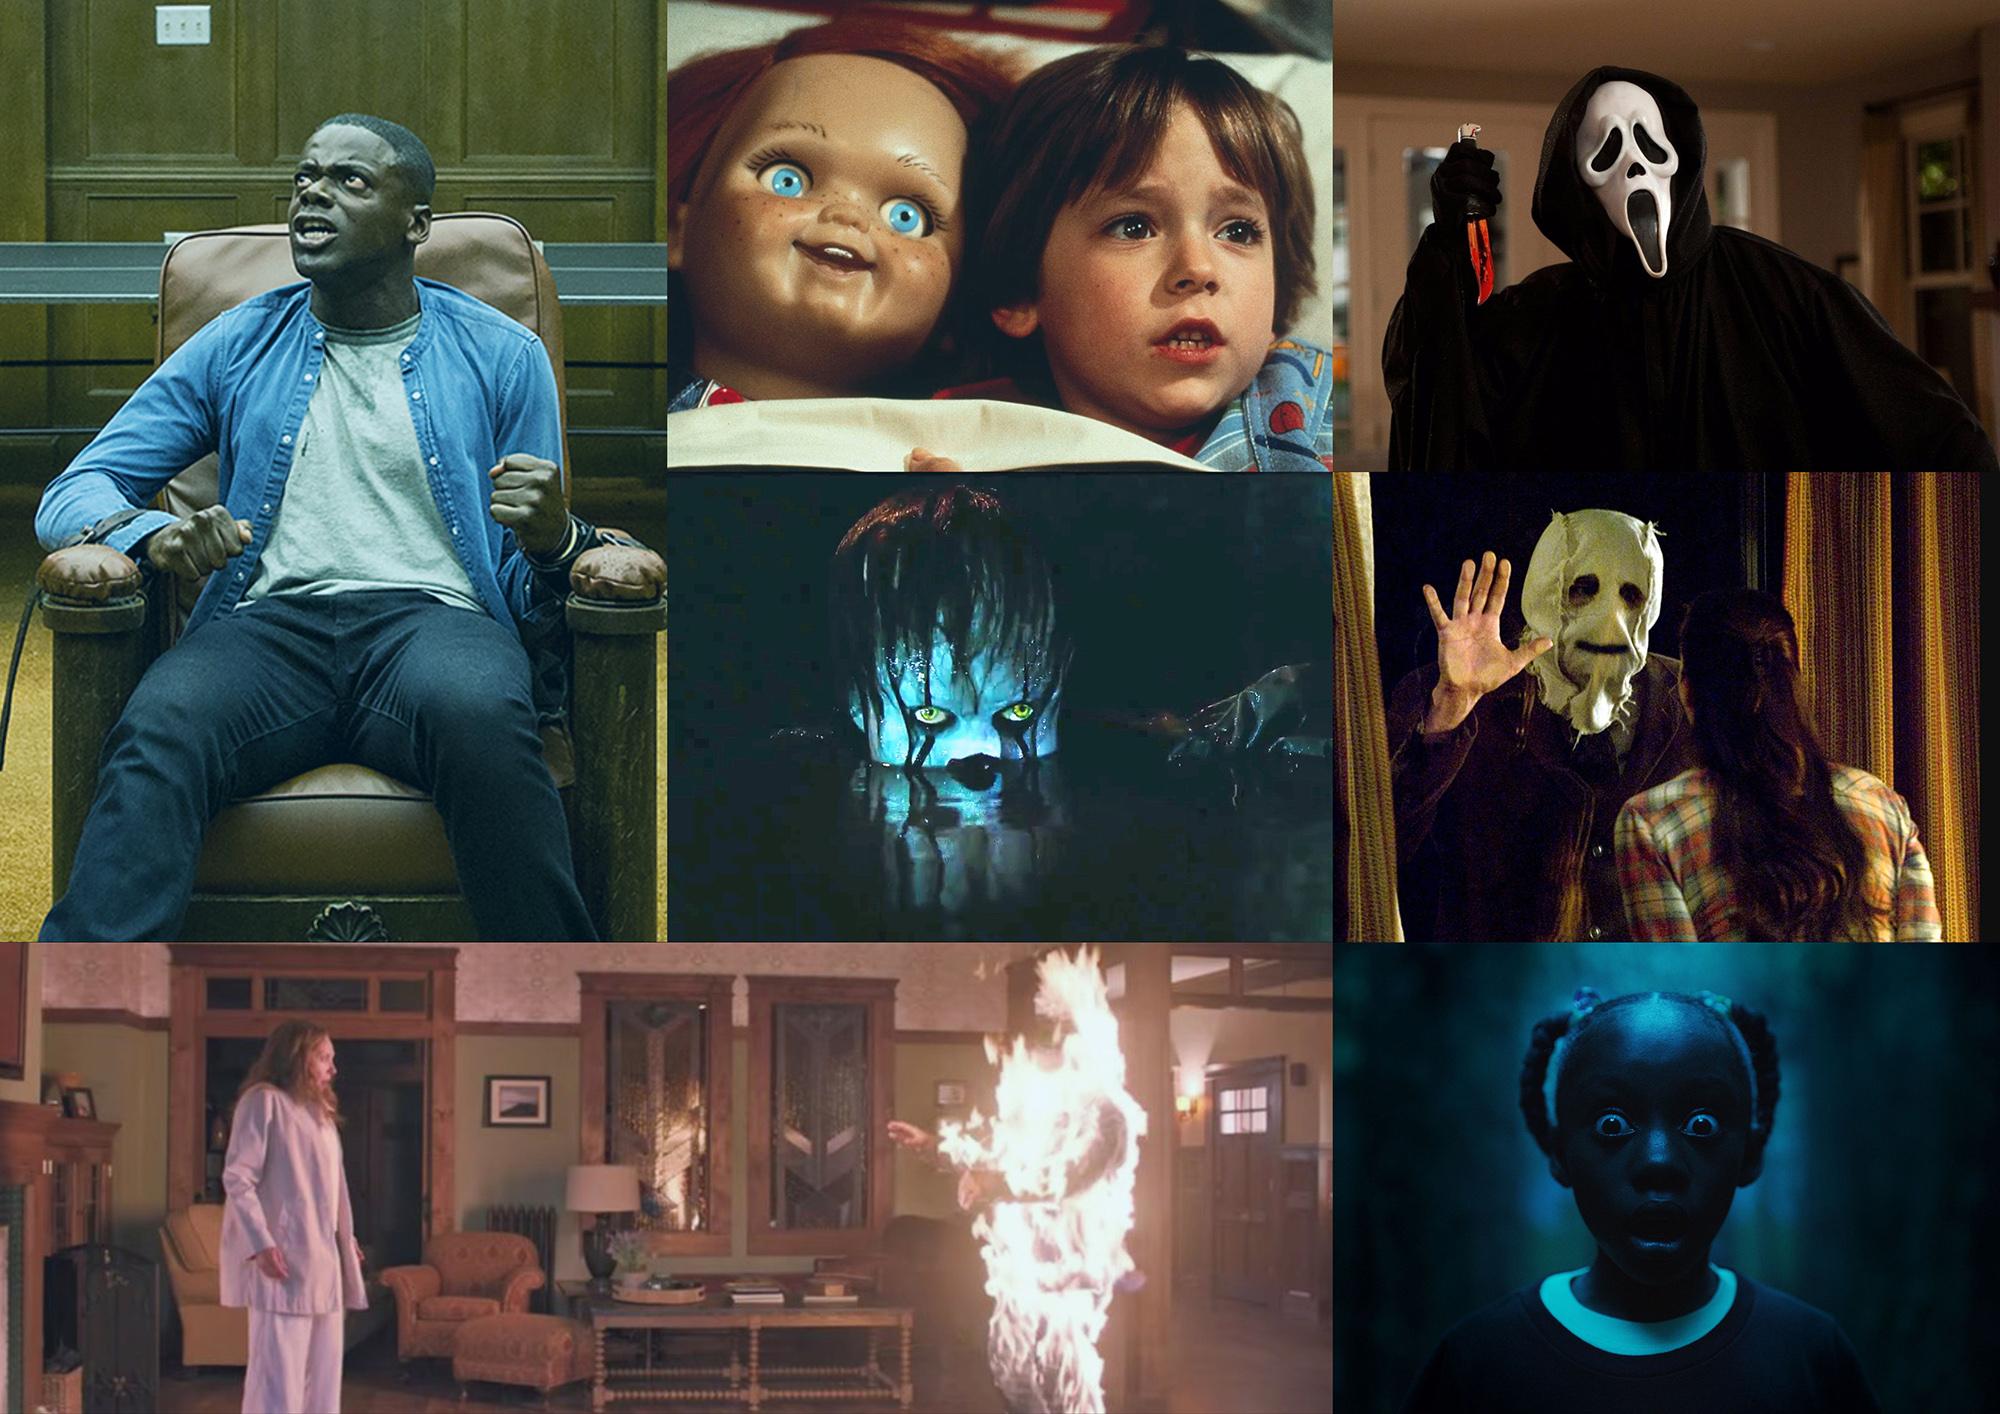 Quels sont les meilleurs films d'horreur basés sur des histoires vraies ?